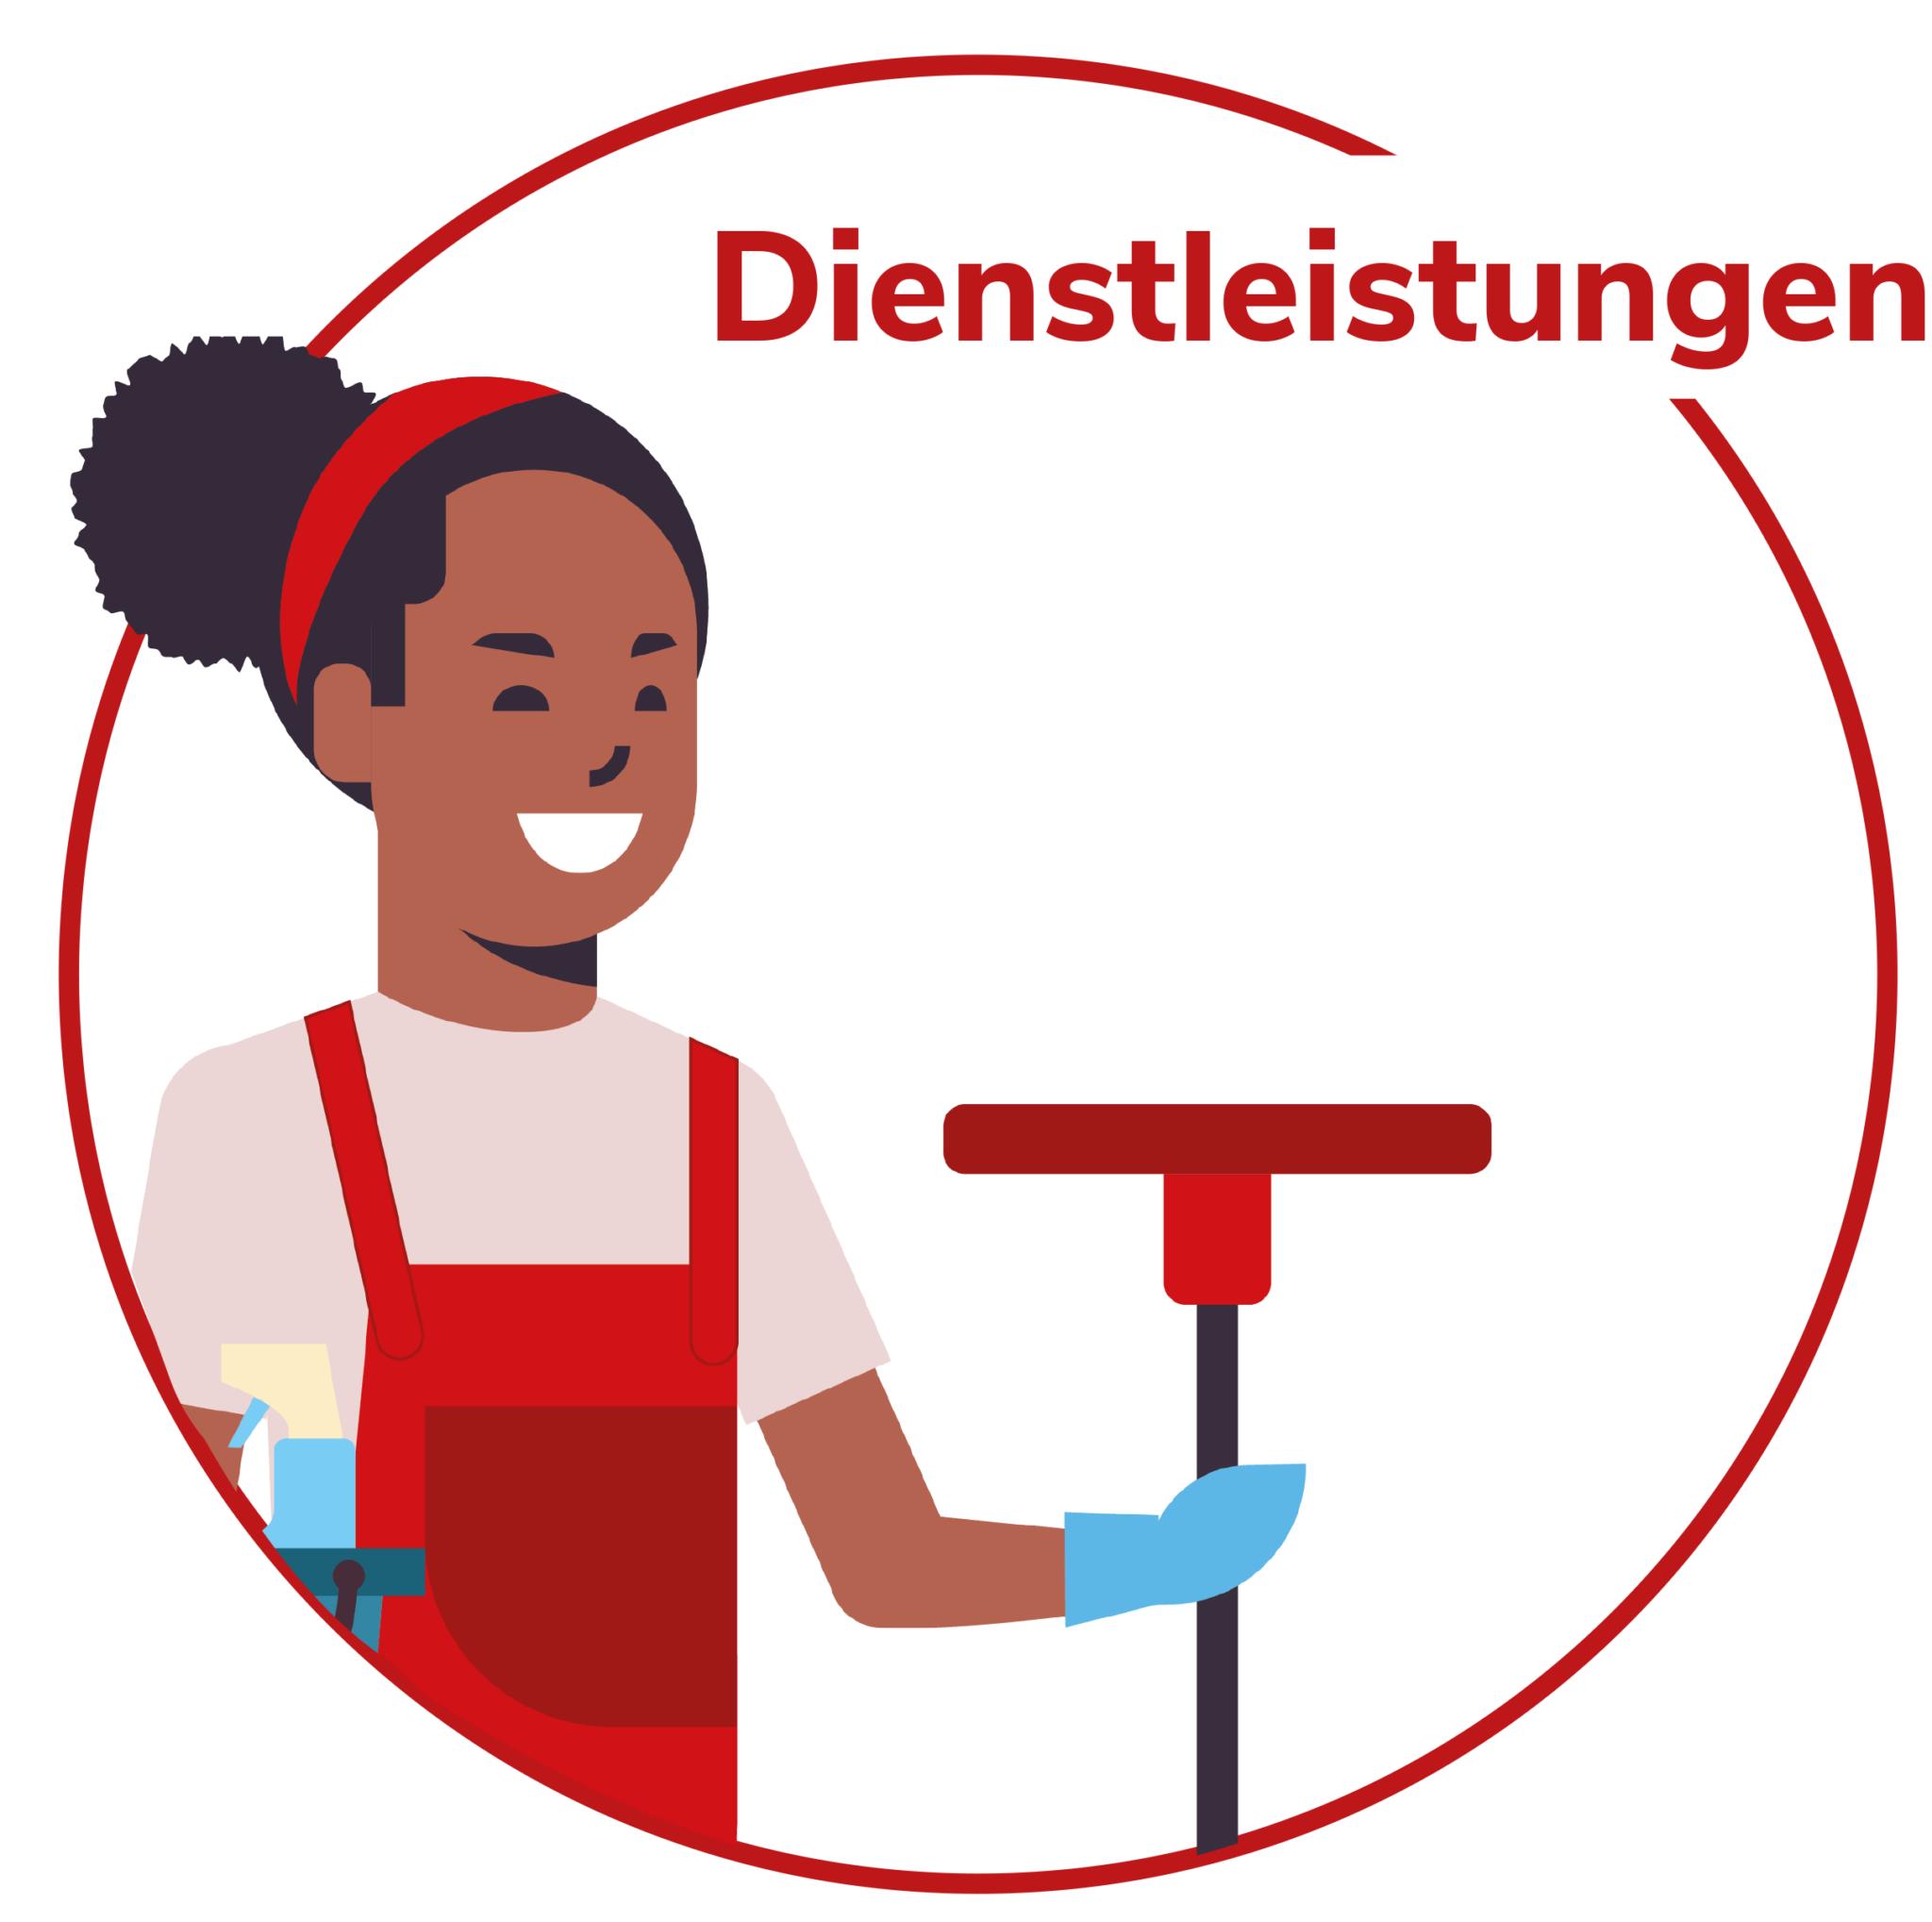 Reinigungs Dienstleistungen